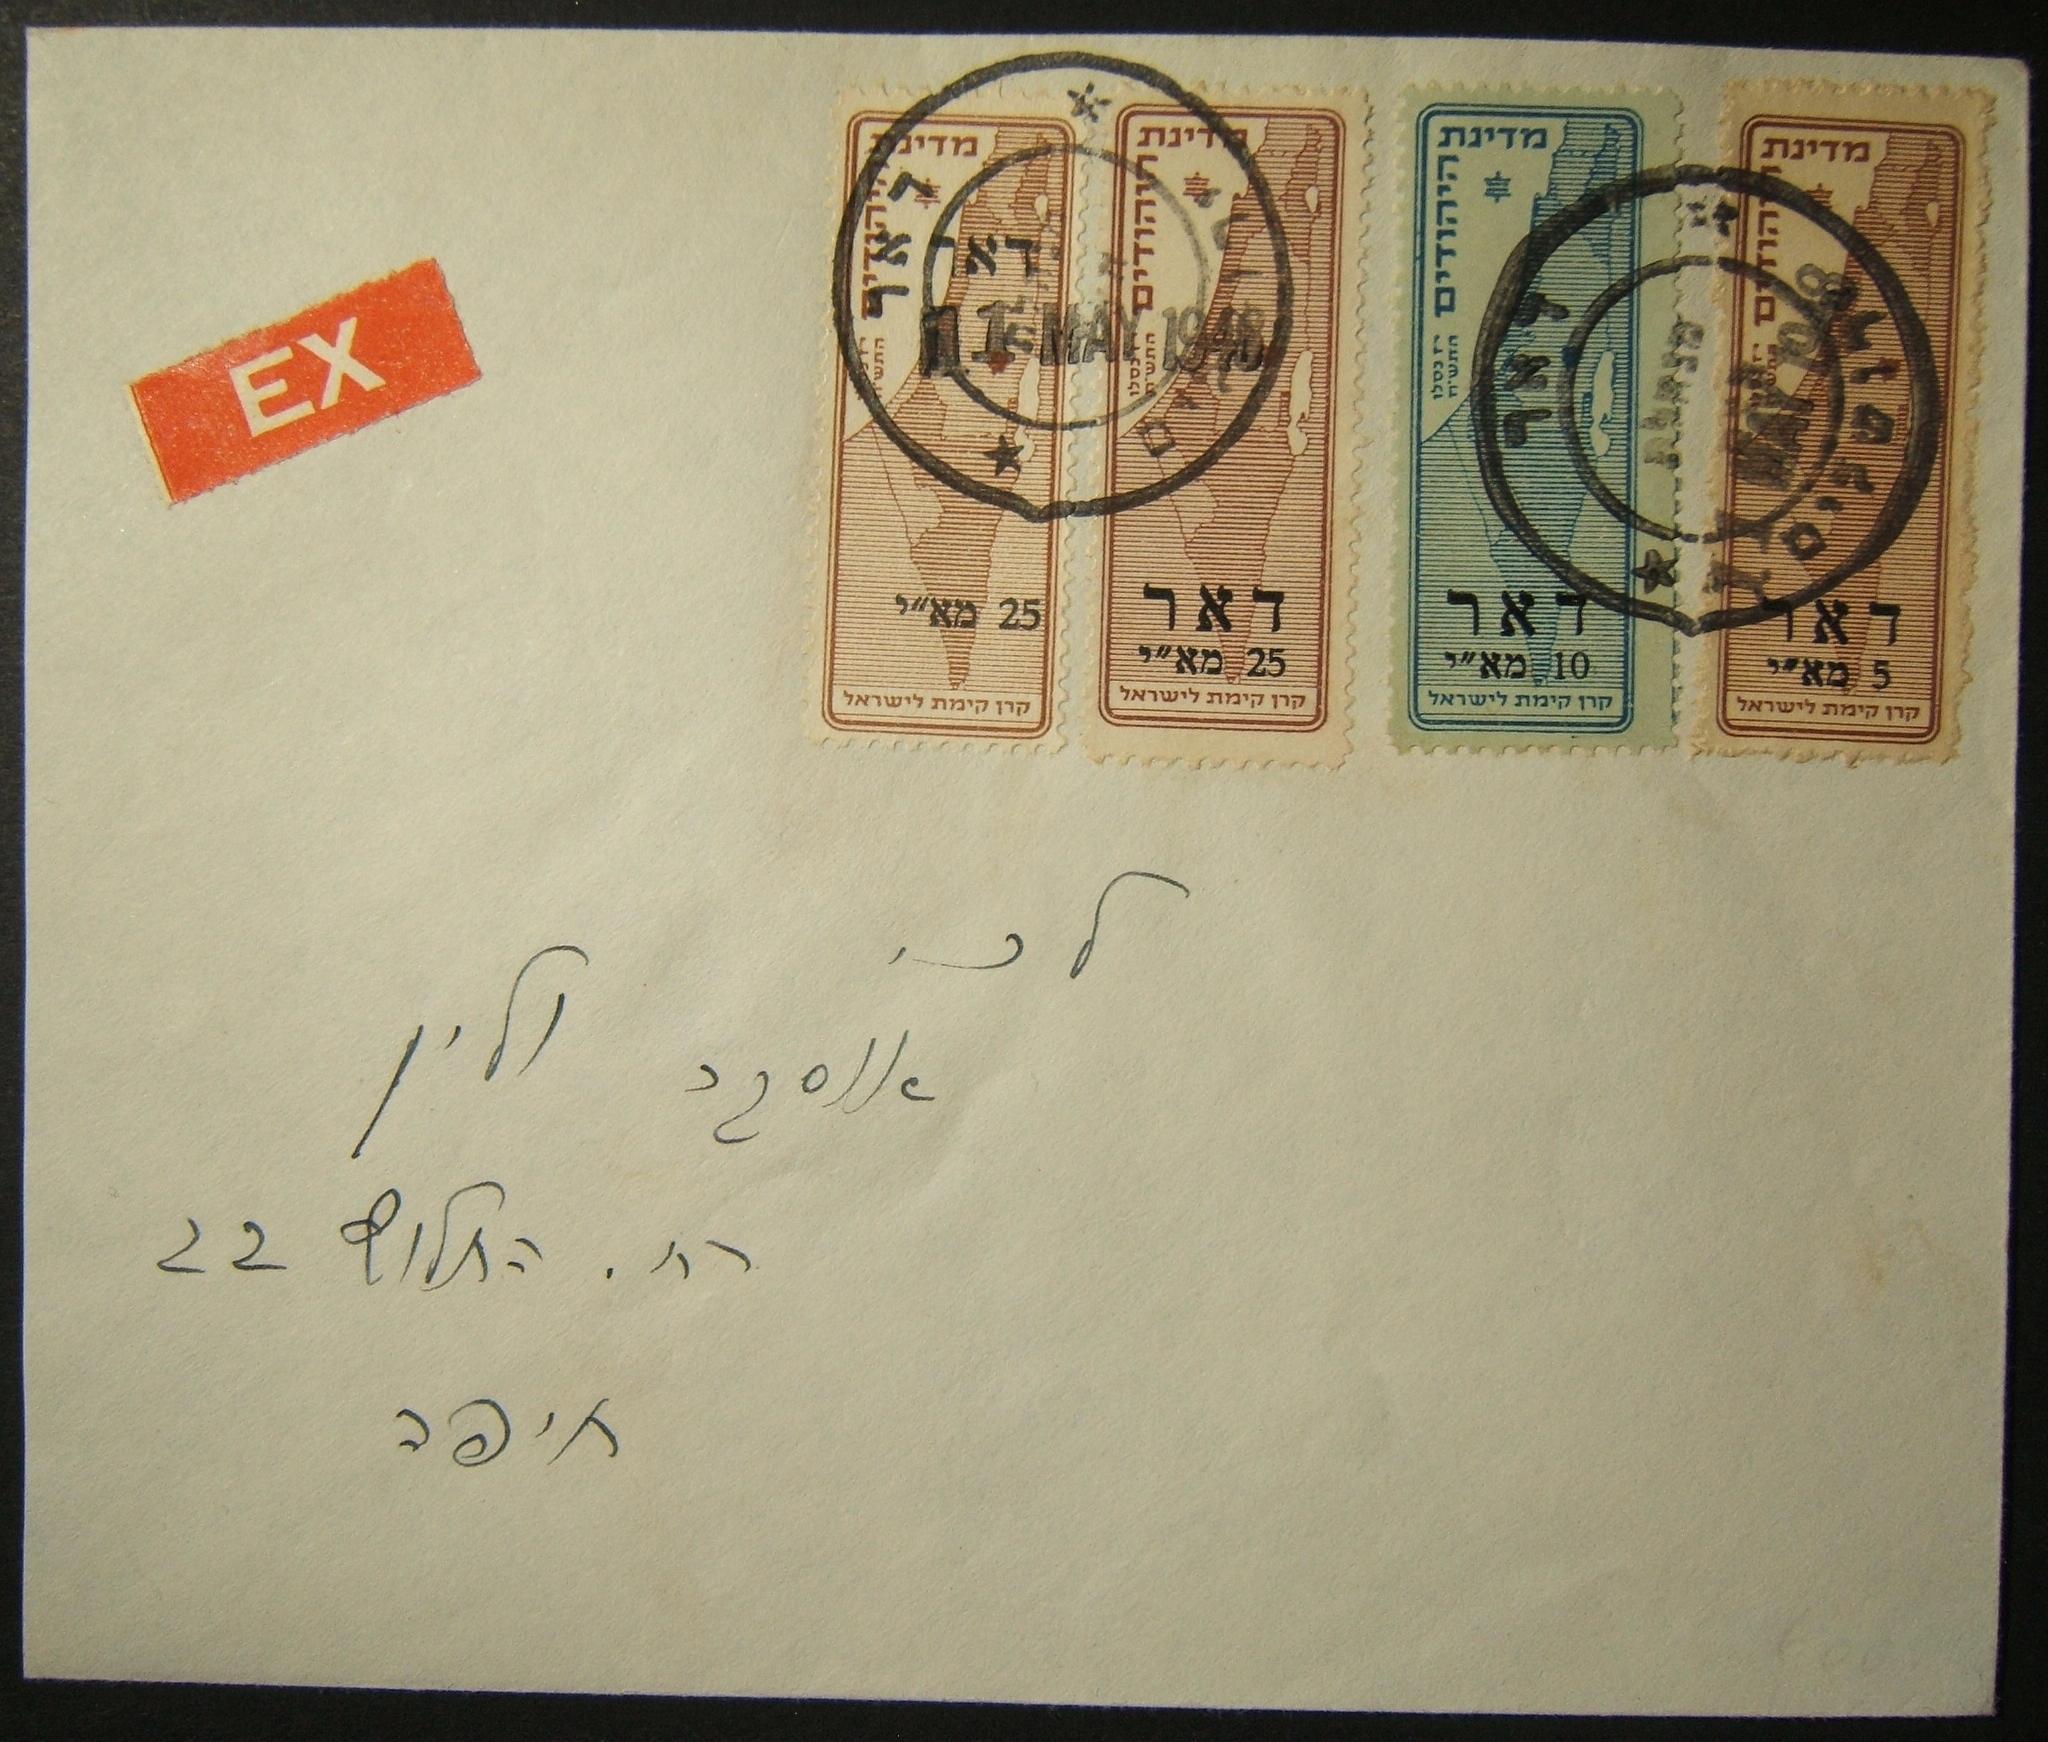 1948 أول قافلة من البريد السريع من القدس إلى حيفا بصكوك / علامات بريدية مؤقتة